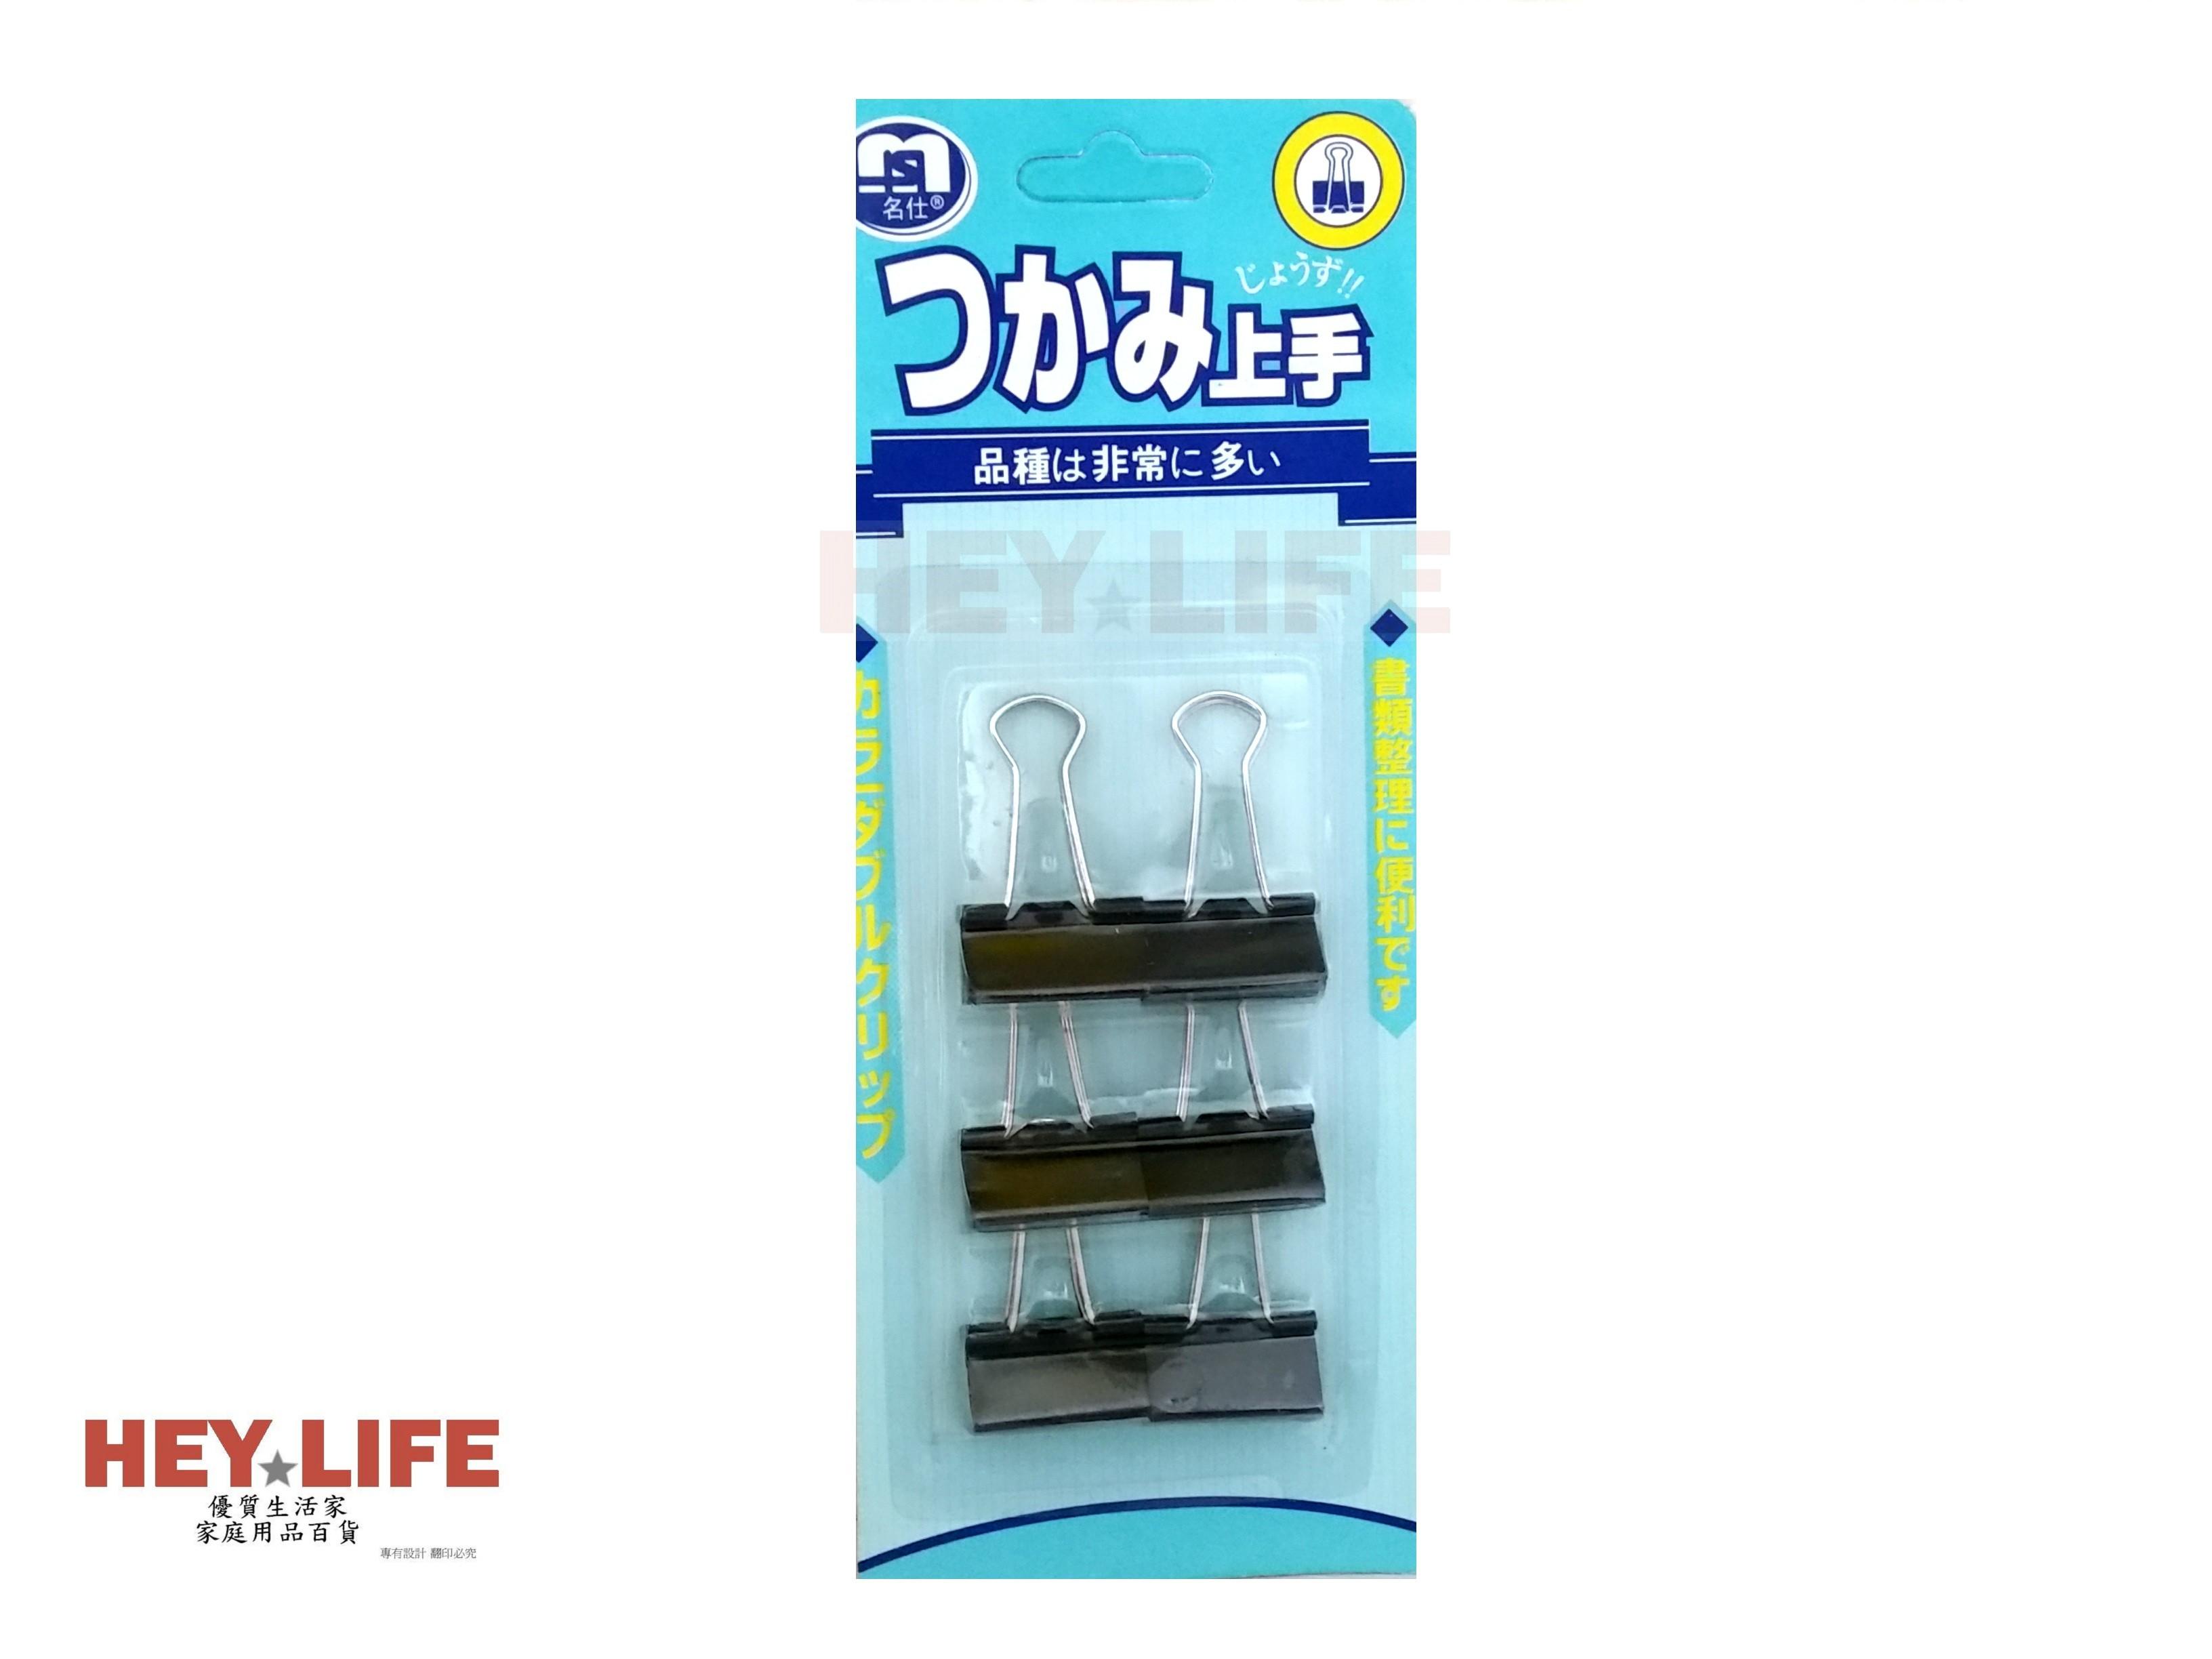 【HEYLIFE優質生活家】長尾夾(黑色)6入 24mm 文具夾 夾 優質嚴選 品質保證